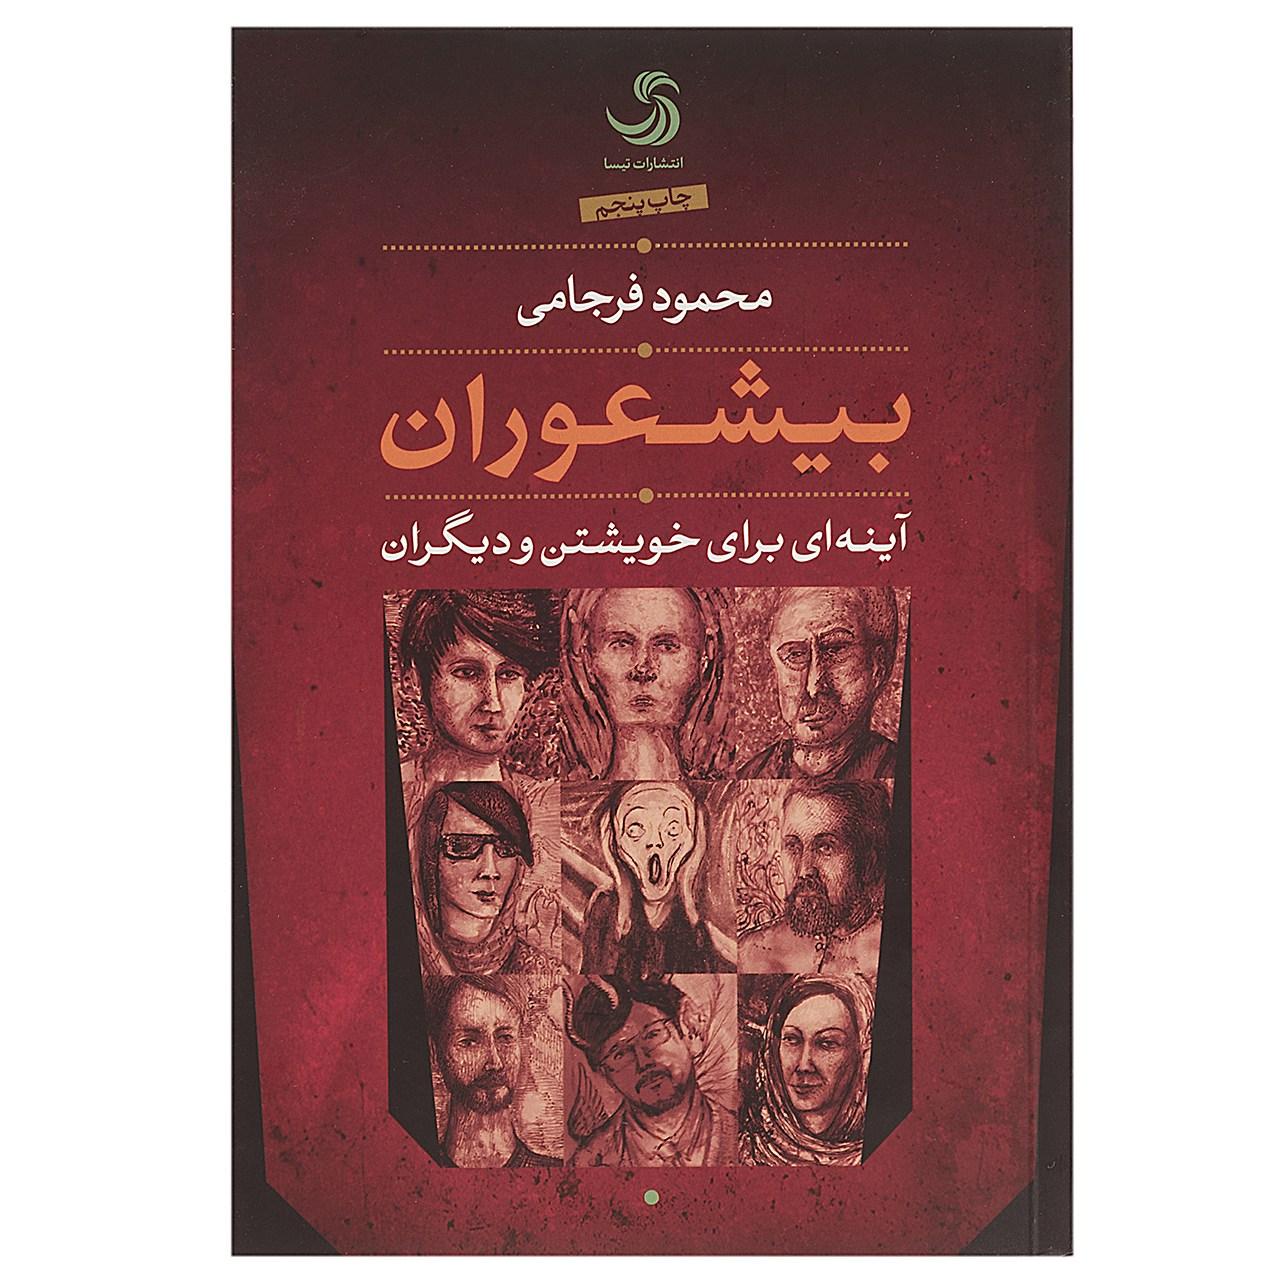 کتاب بیشعوران اثر محمود فرجامی